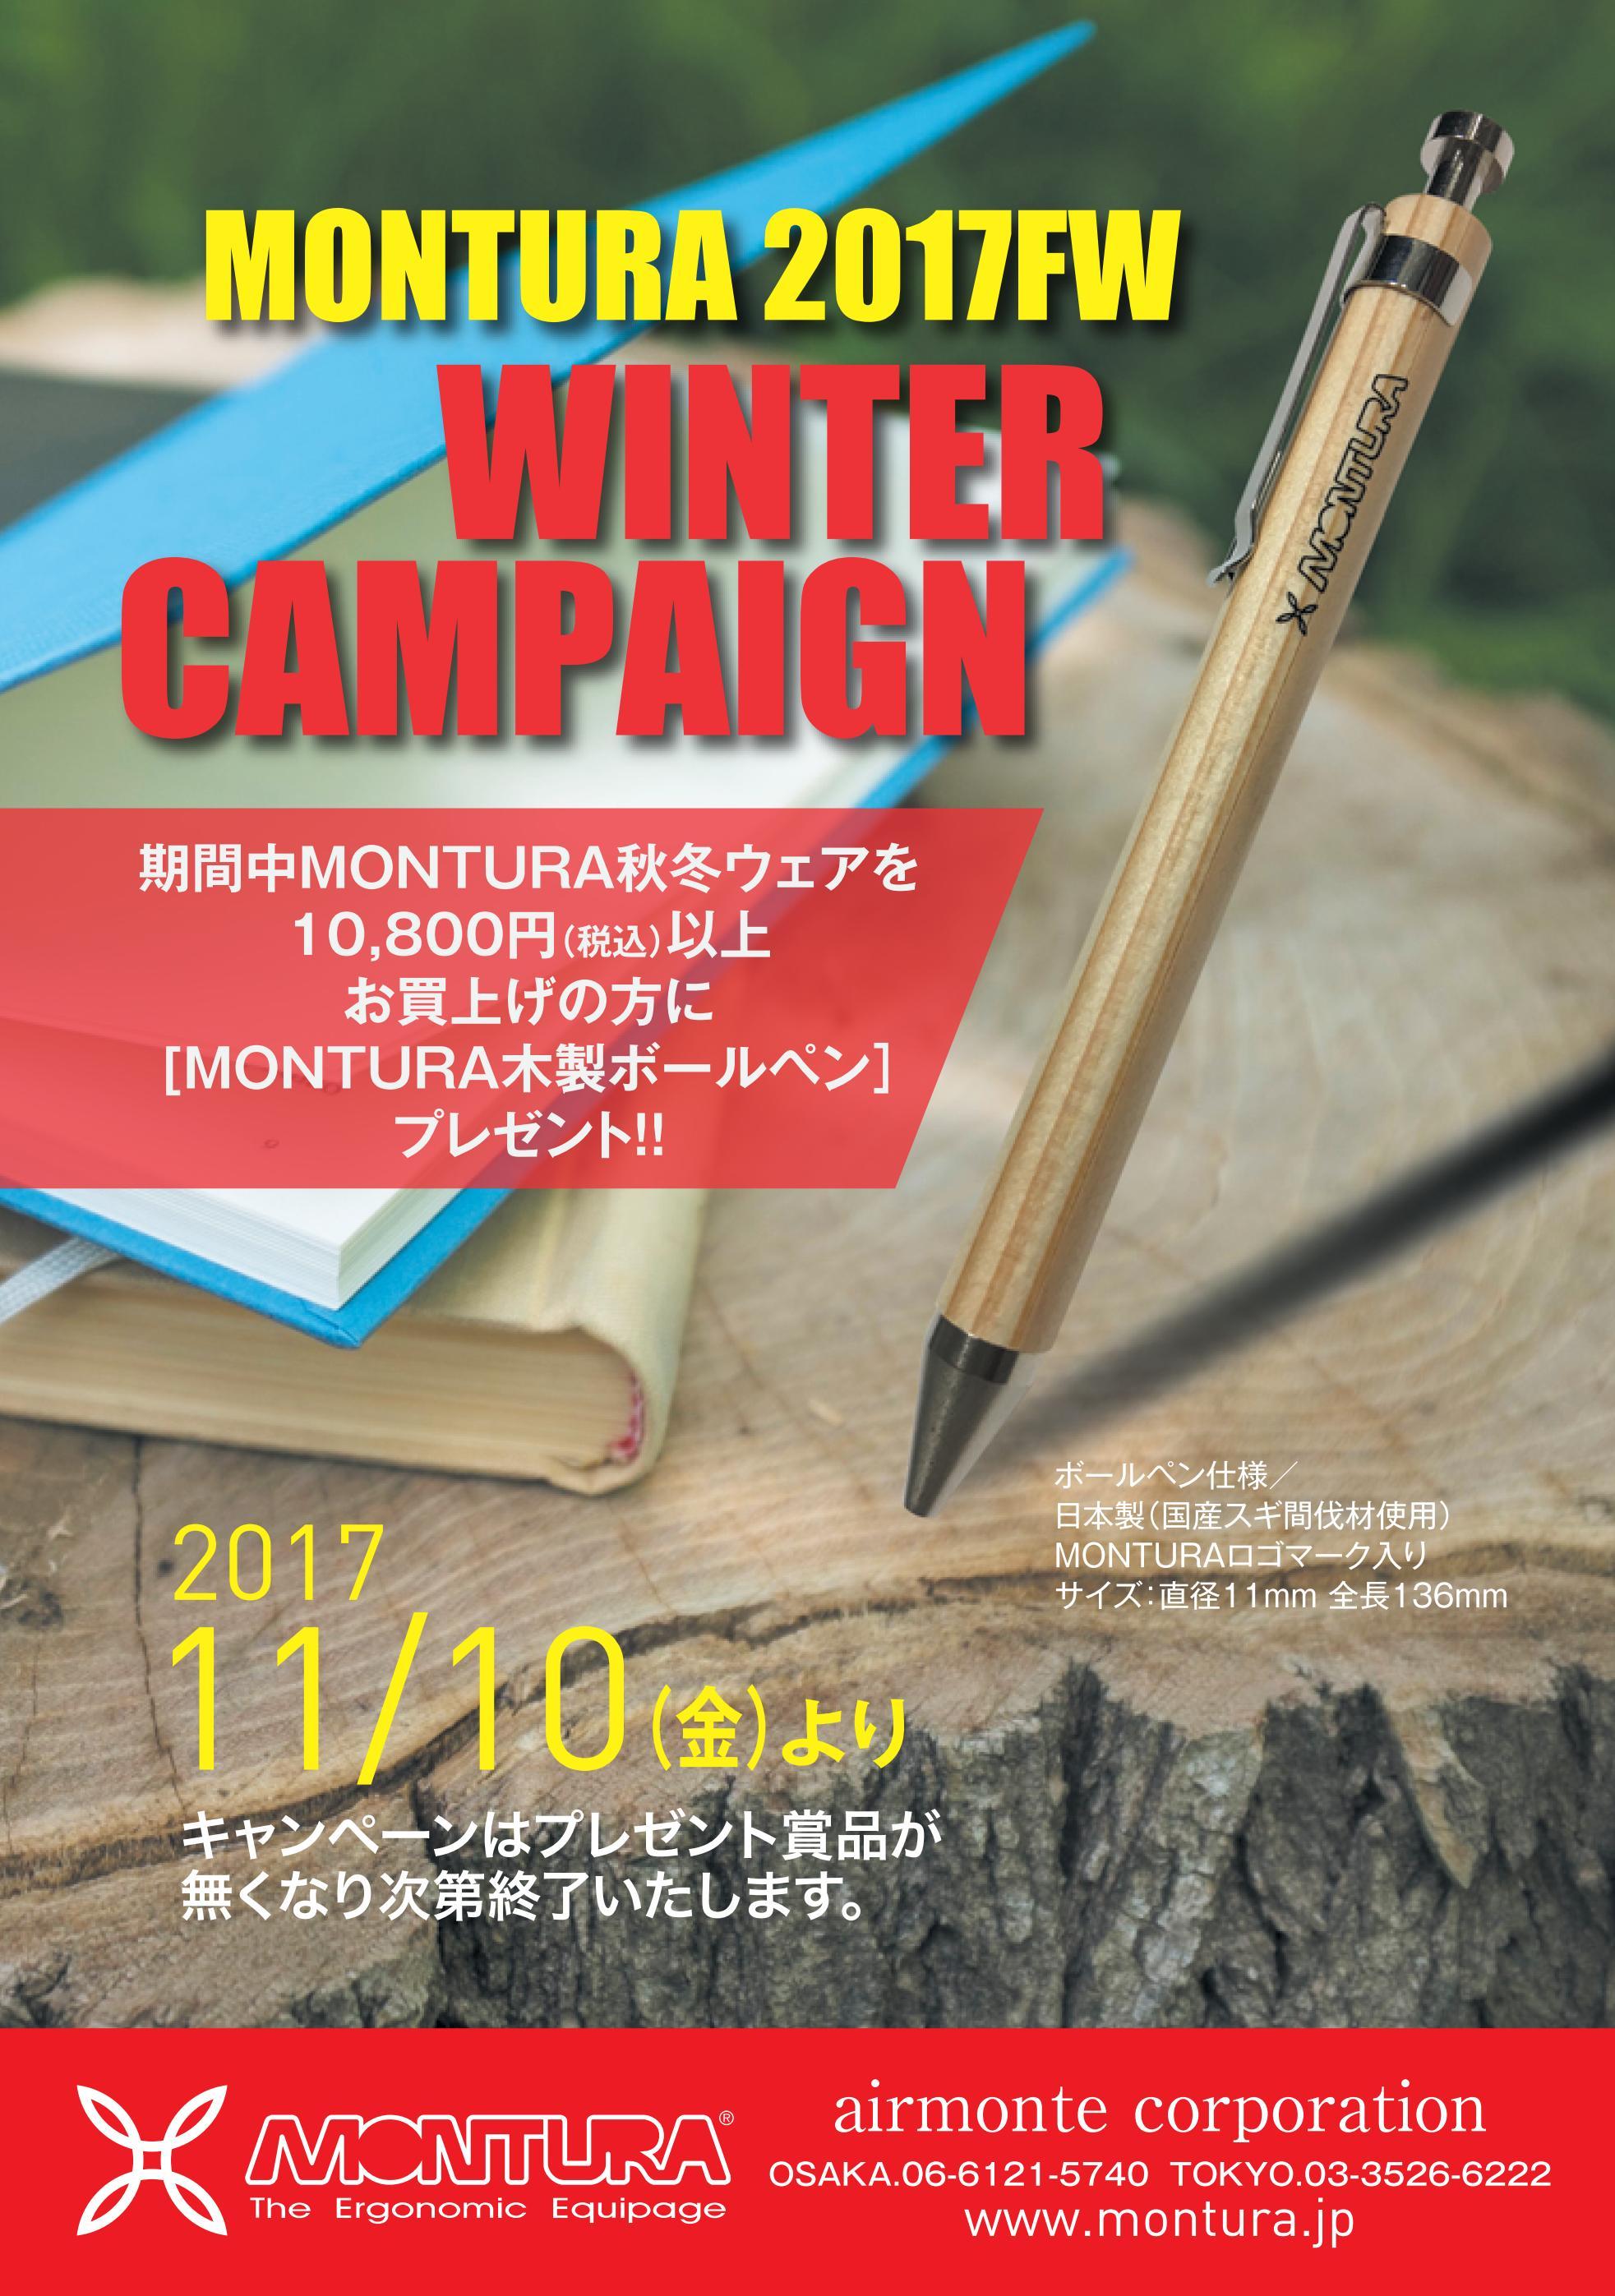 MONTURA 2017FW WINTER CAMPAIGN